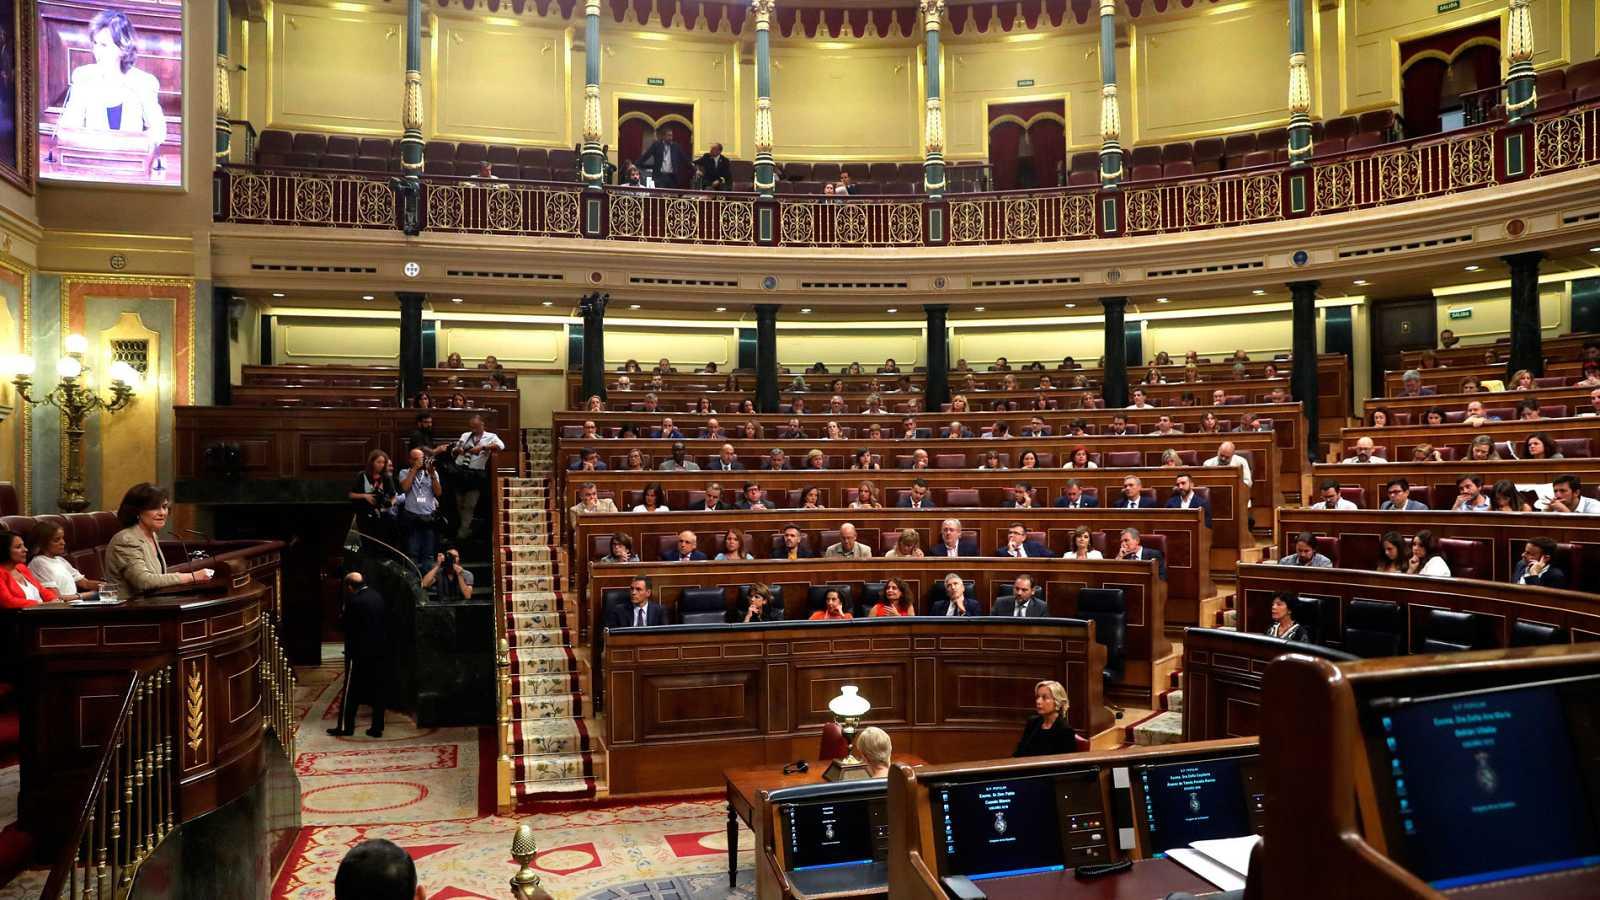 Una imagen de archivo del Congreso de los Diputados reunido en sesión plenaria